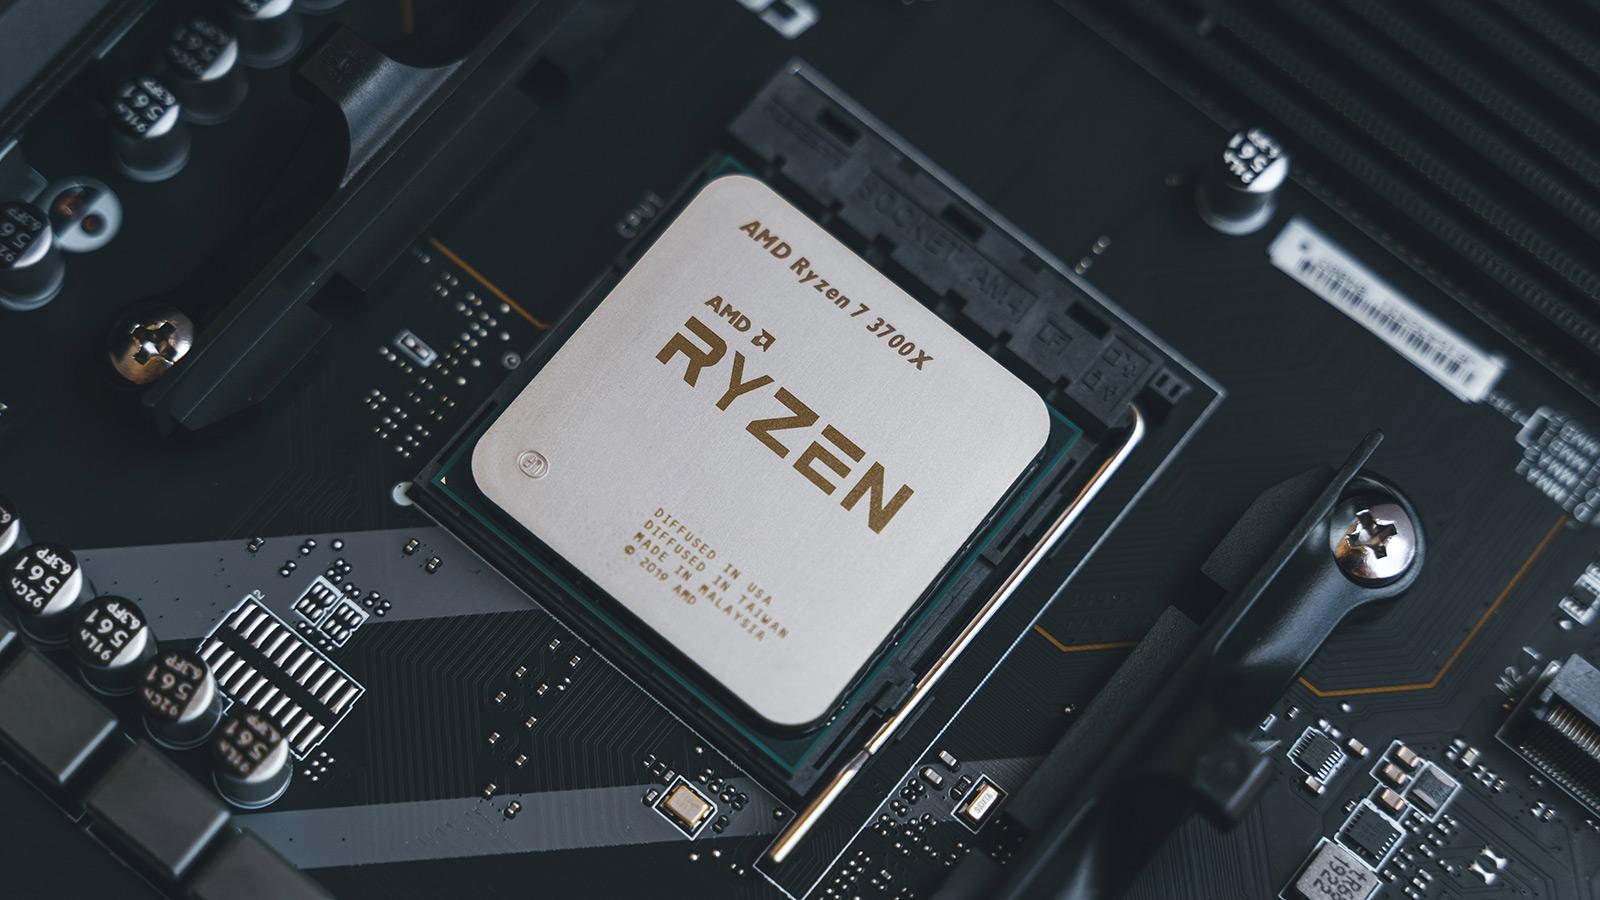 Kontu handikoa: AMD Intelek argi du prozesadoreen salmentari dagokionez 2020ko urtarrilean